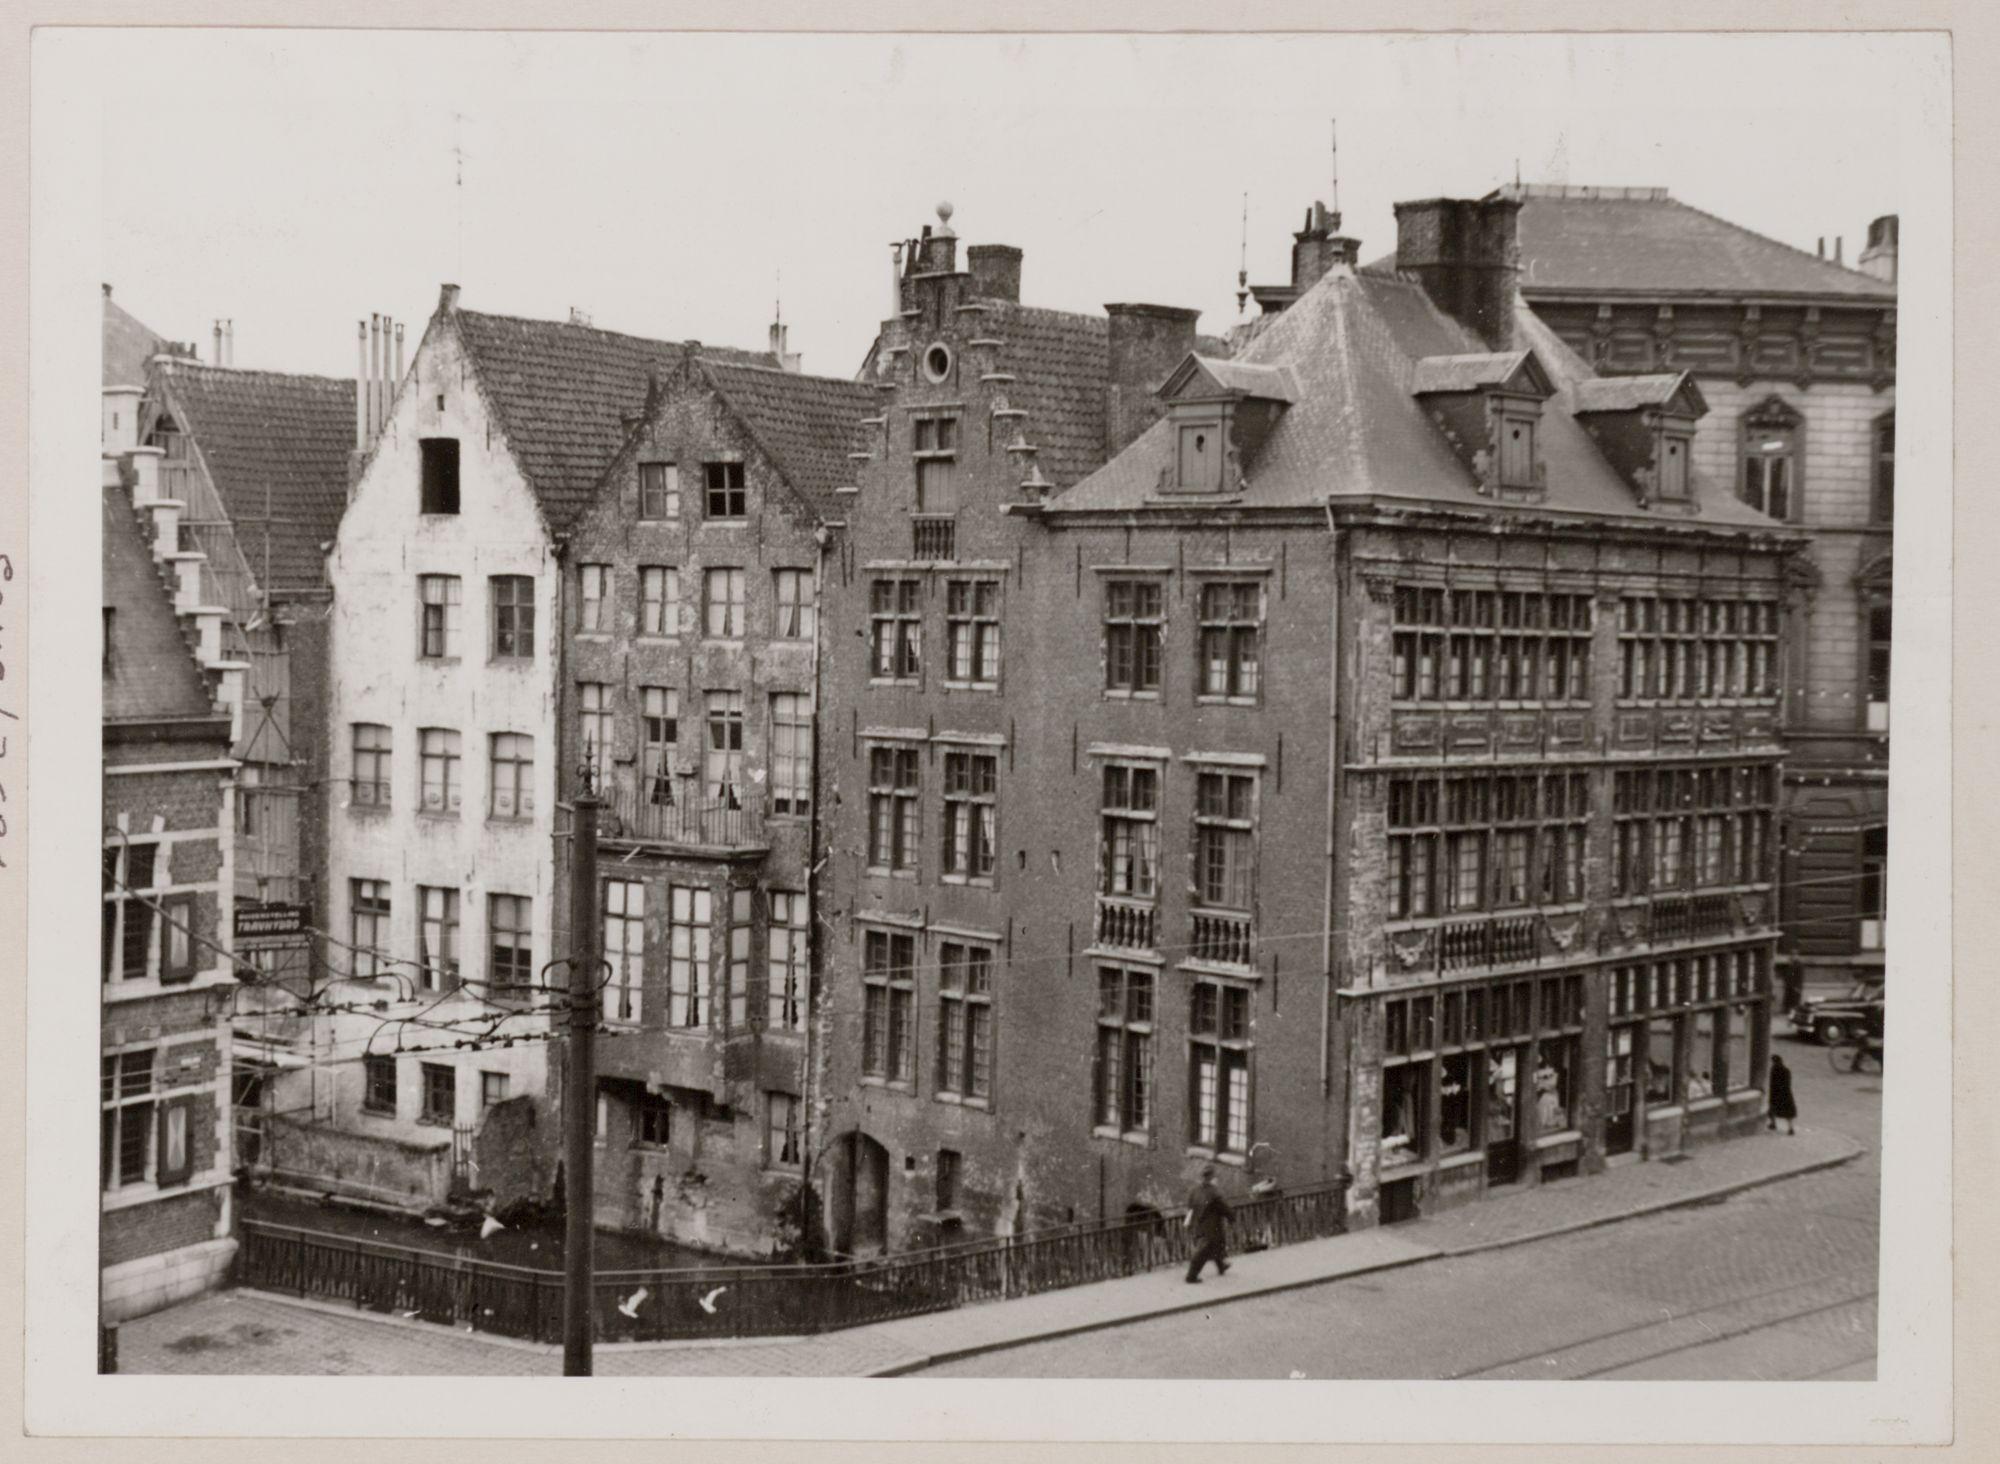 Gent: Hoofdbrug over de Lieve, hoek Jan Breydelstraat (r.) en Rekelingestraat